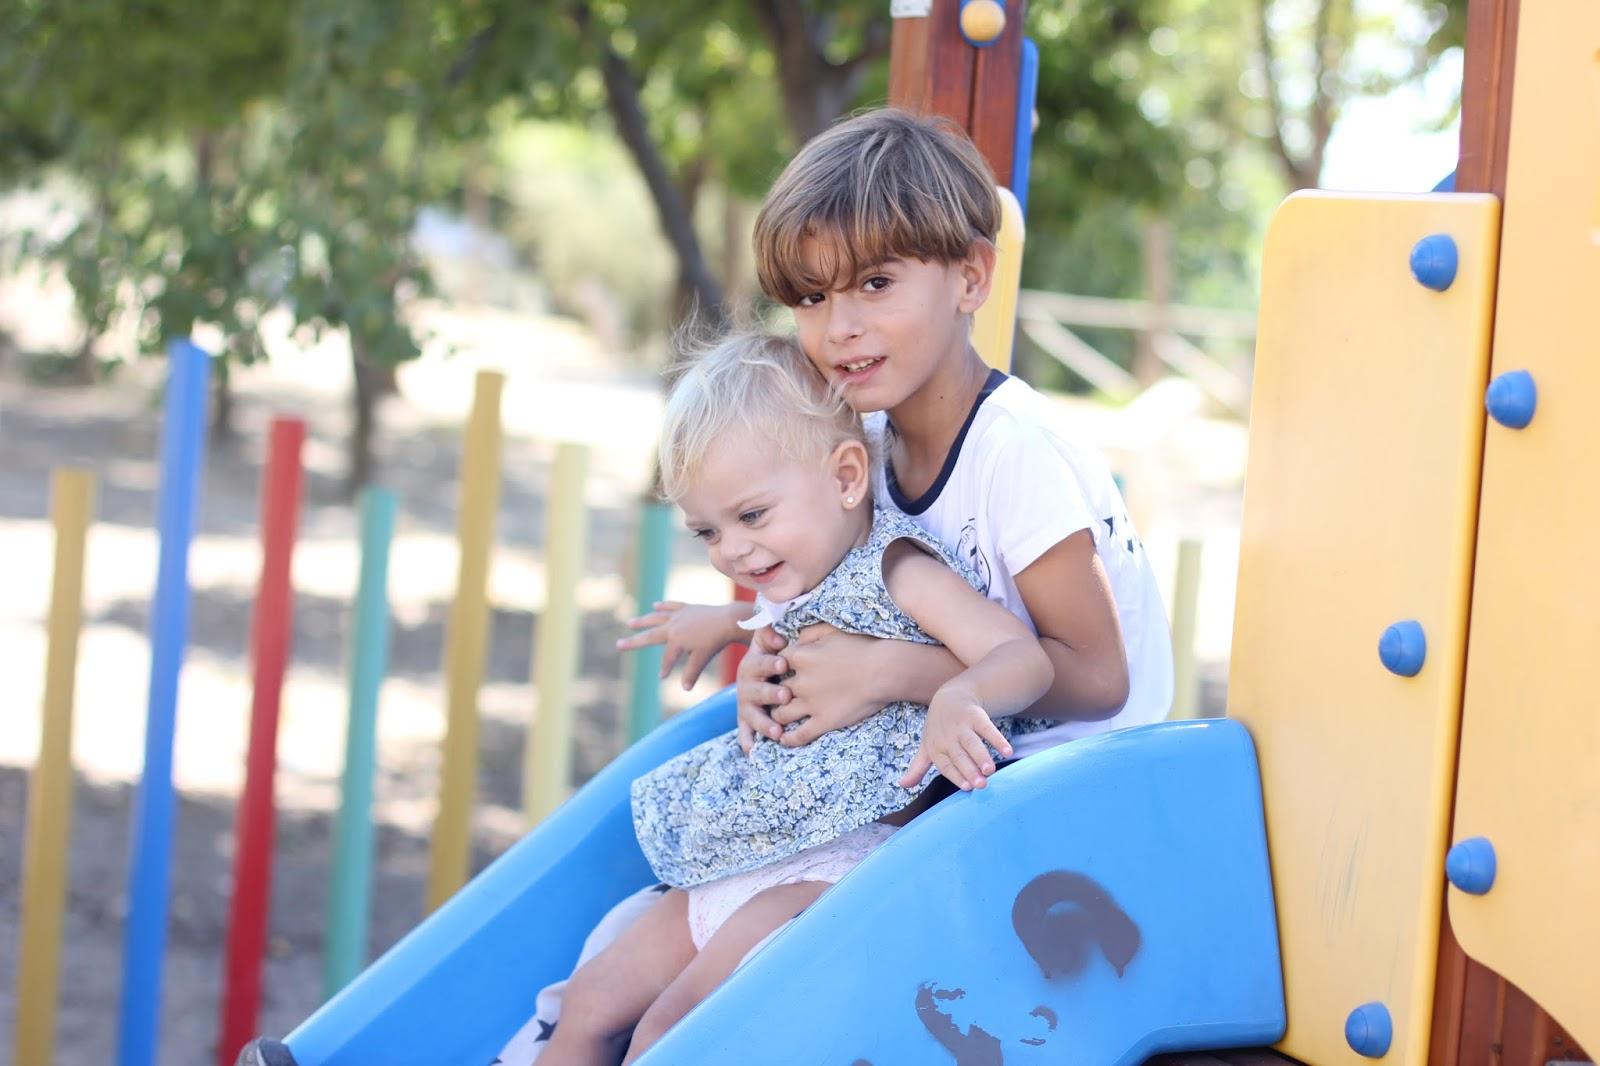 liberad a los niños maternidad educacion infancia